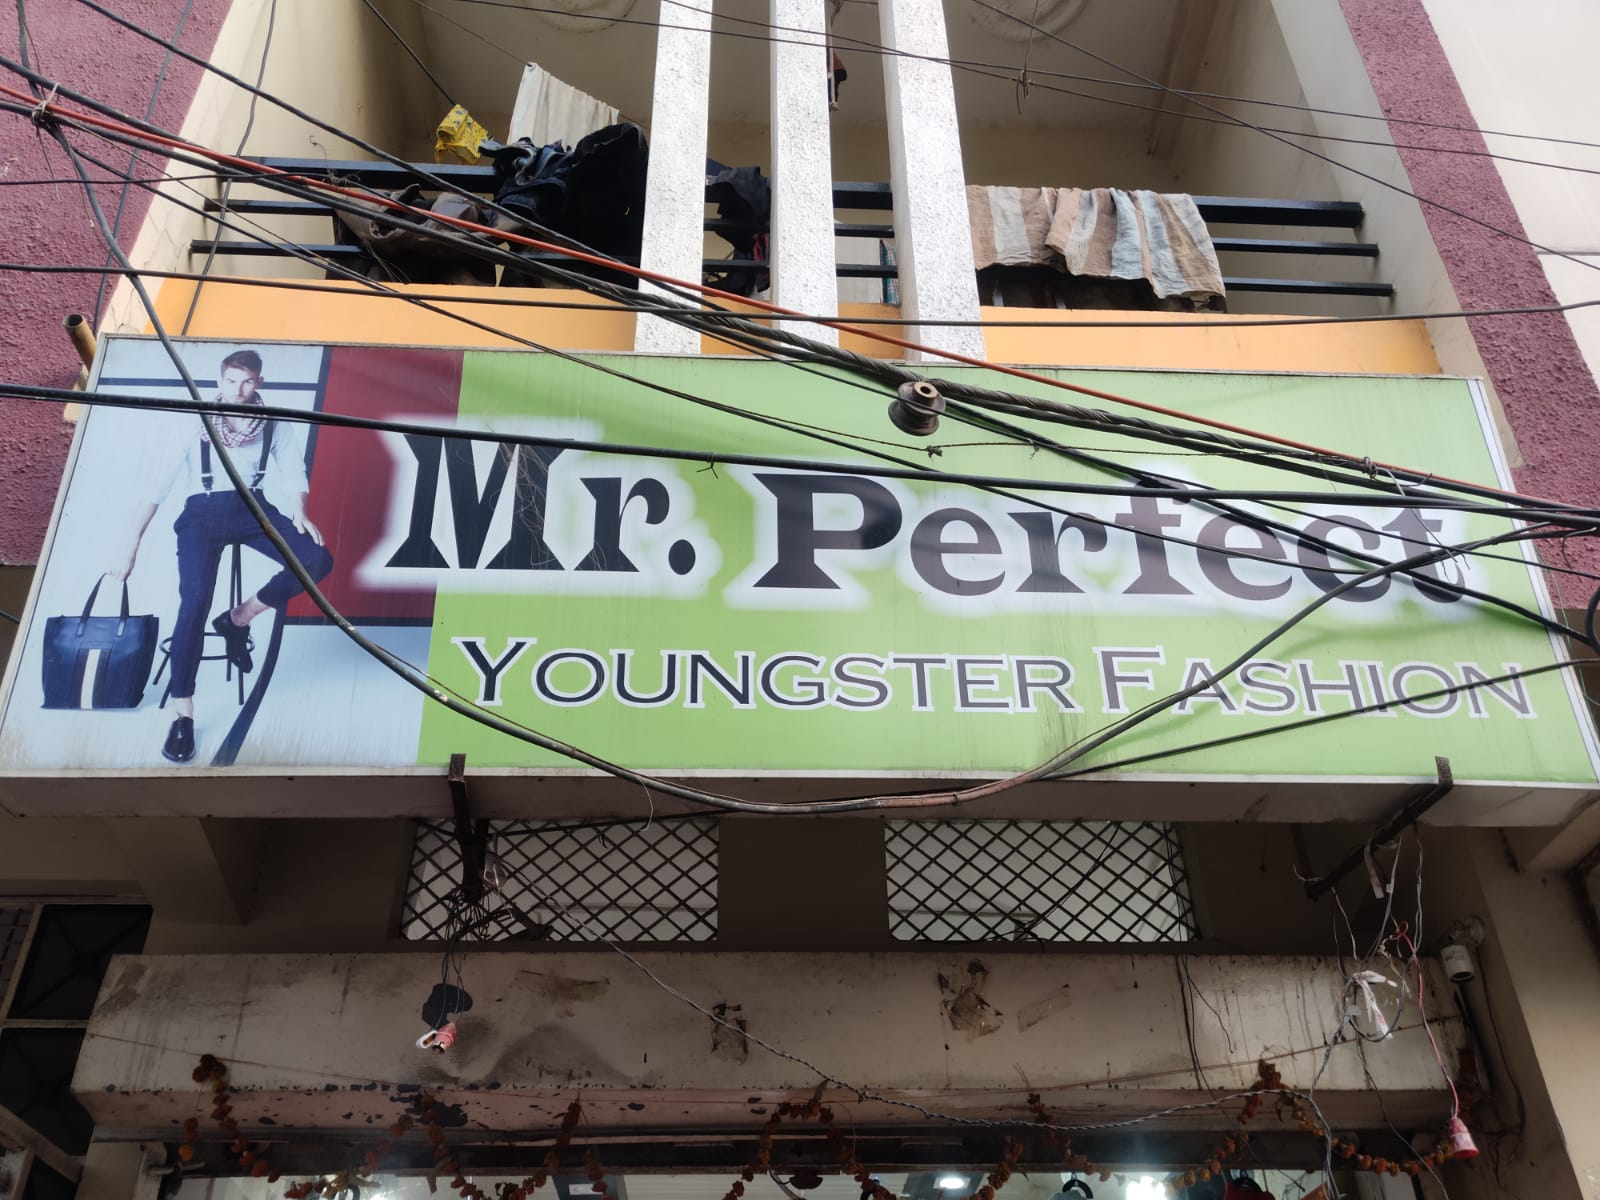 Mr. Perfect garments shop